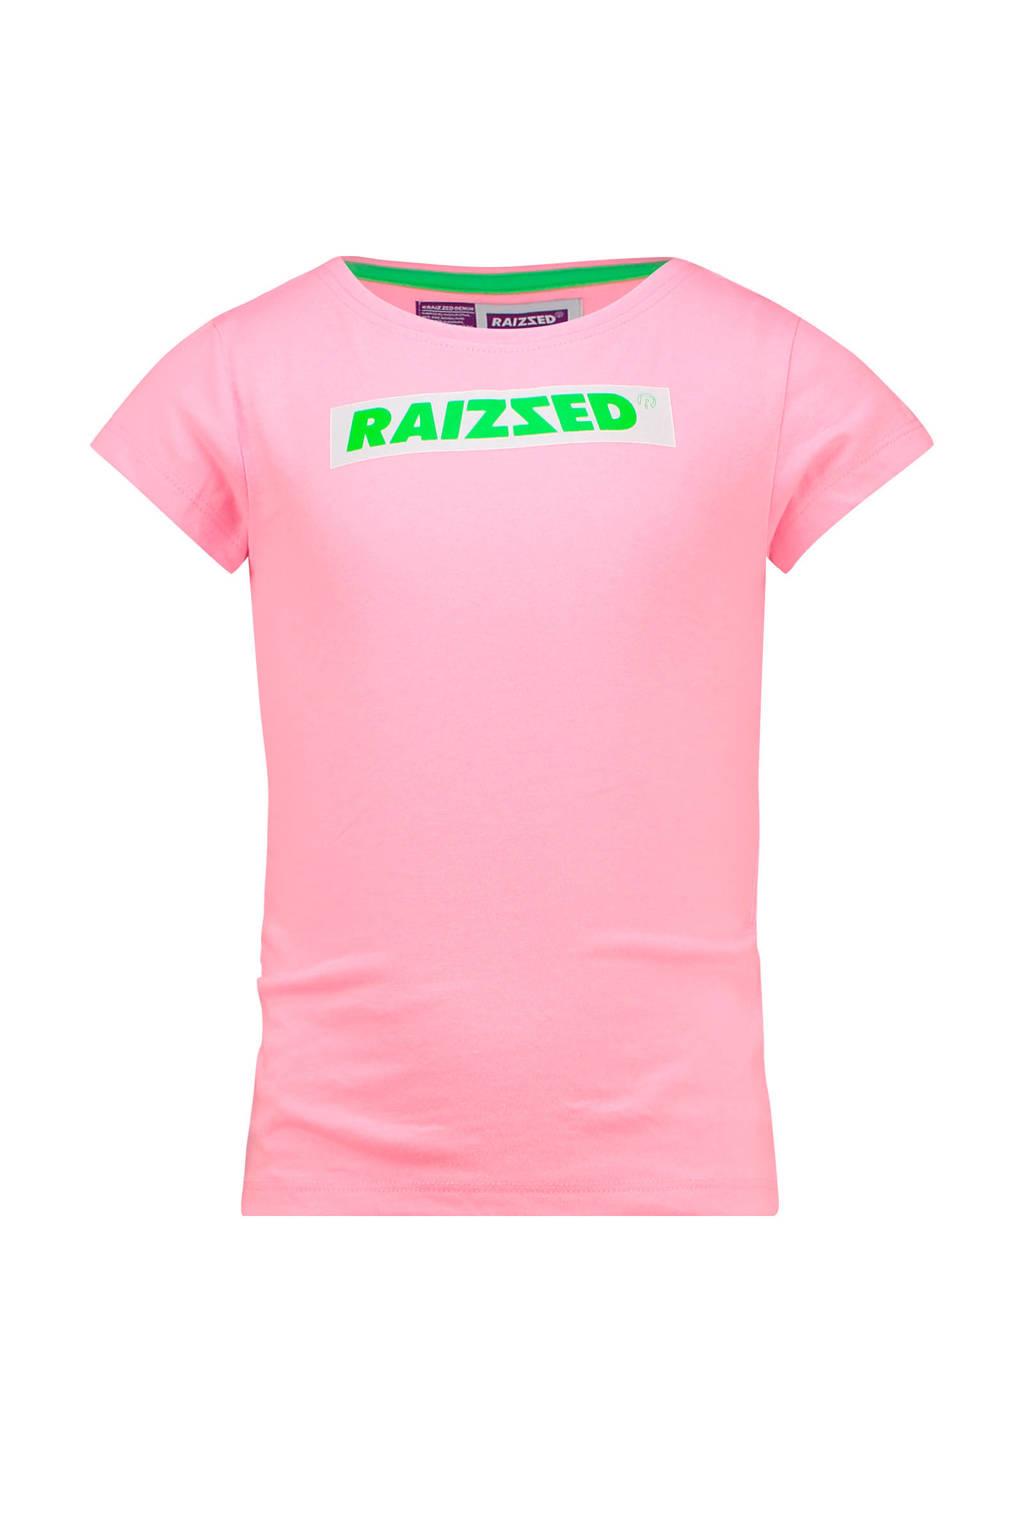 Raizzed T-shirt Budapest met logo lichtroze, Lichtroze